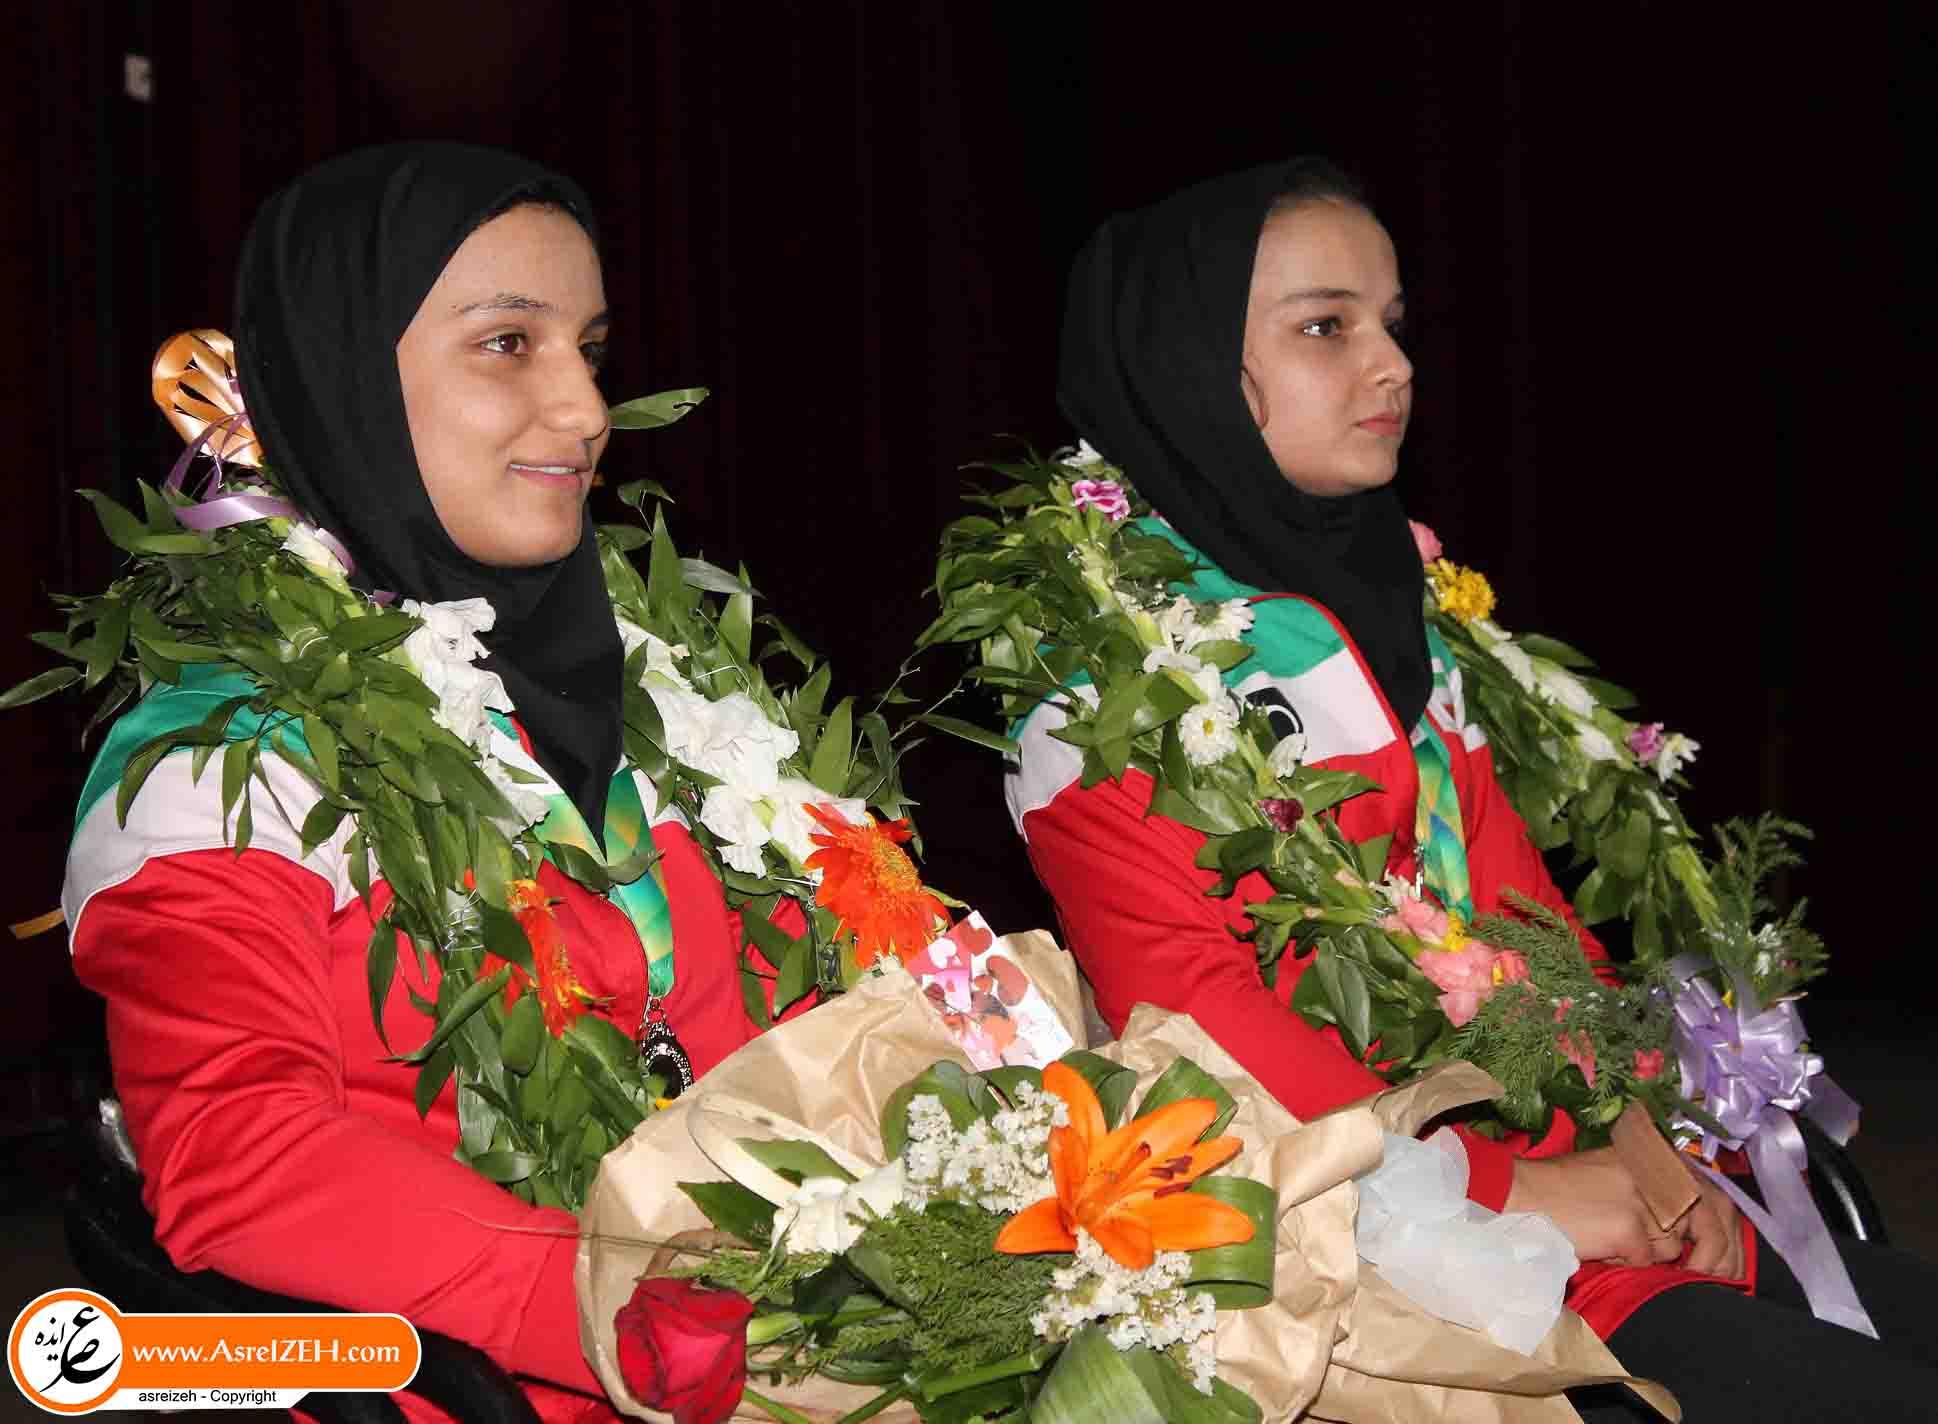 استقبال گرم مردم ایذه از بانوان مدالآور شهرستان در مسابقات آسیایی +تصاویر